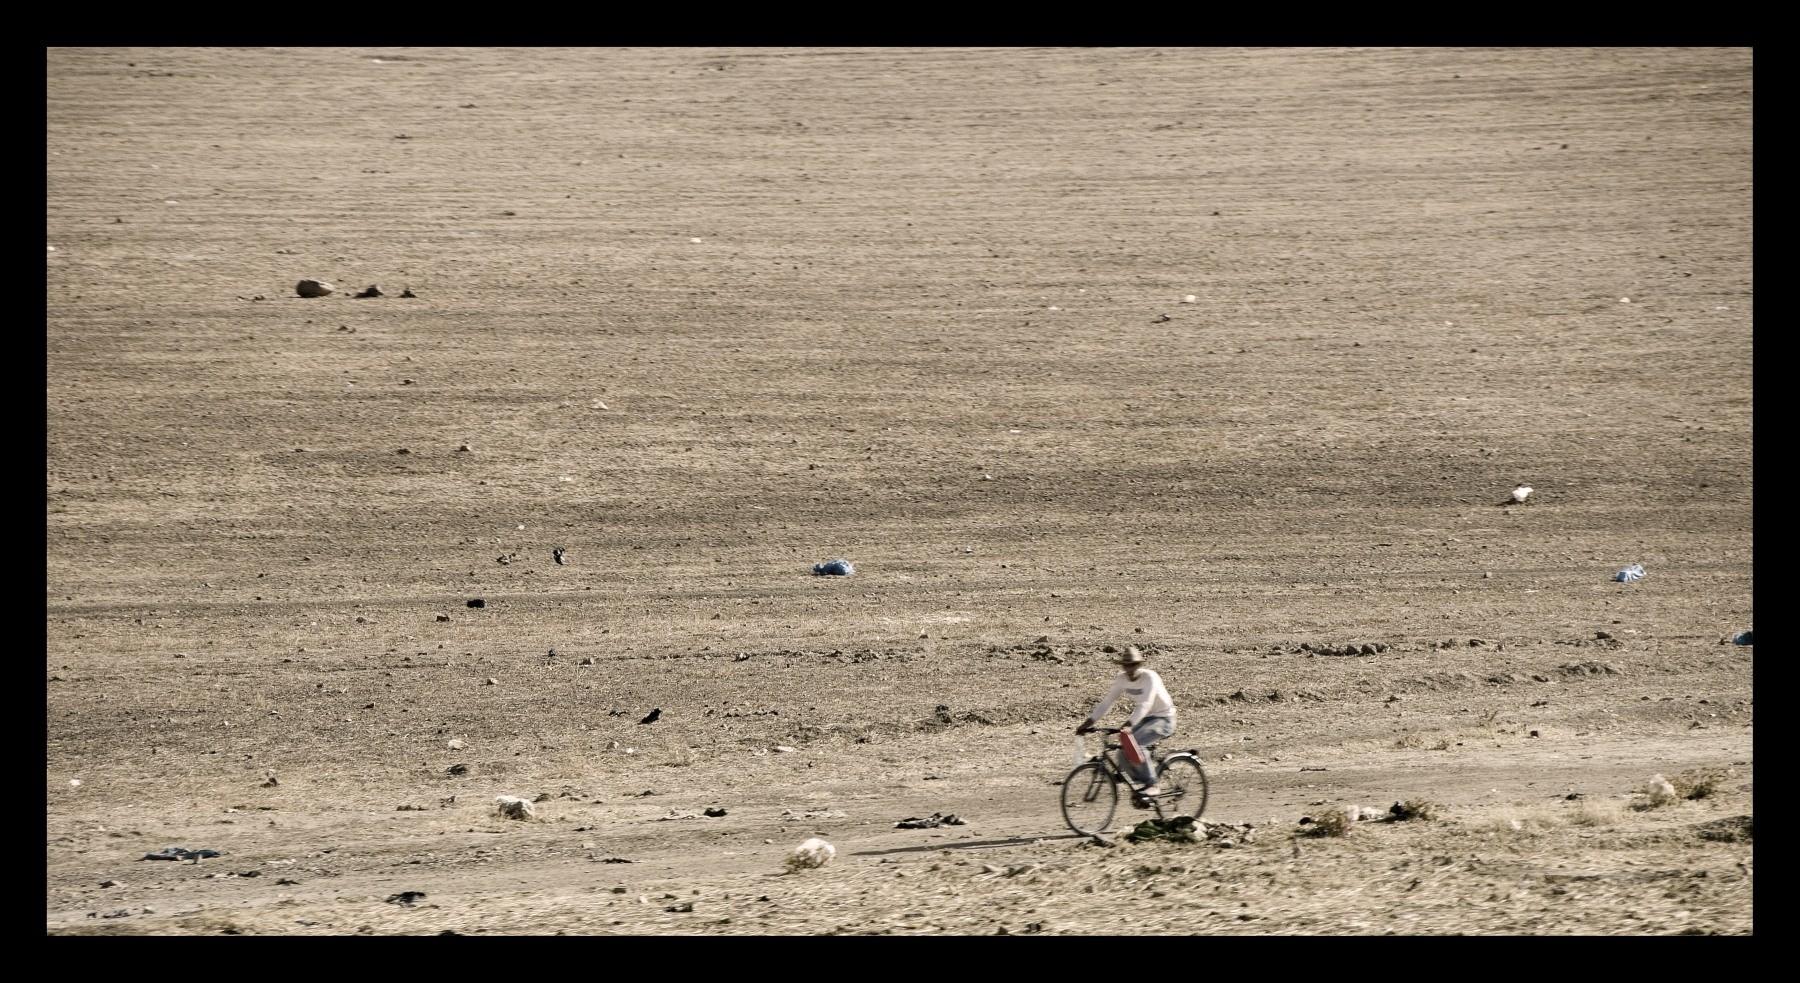 92515_DSC0095 on desert